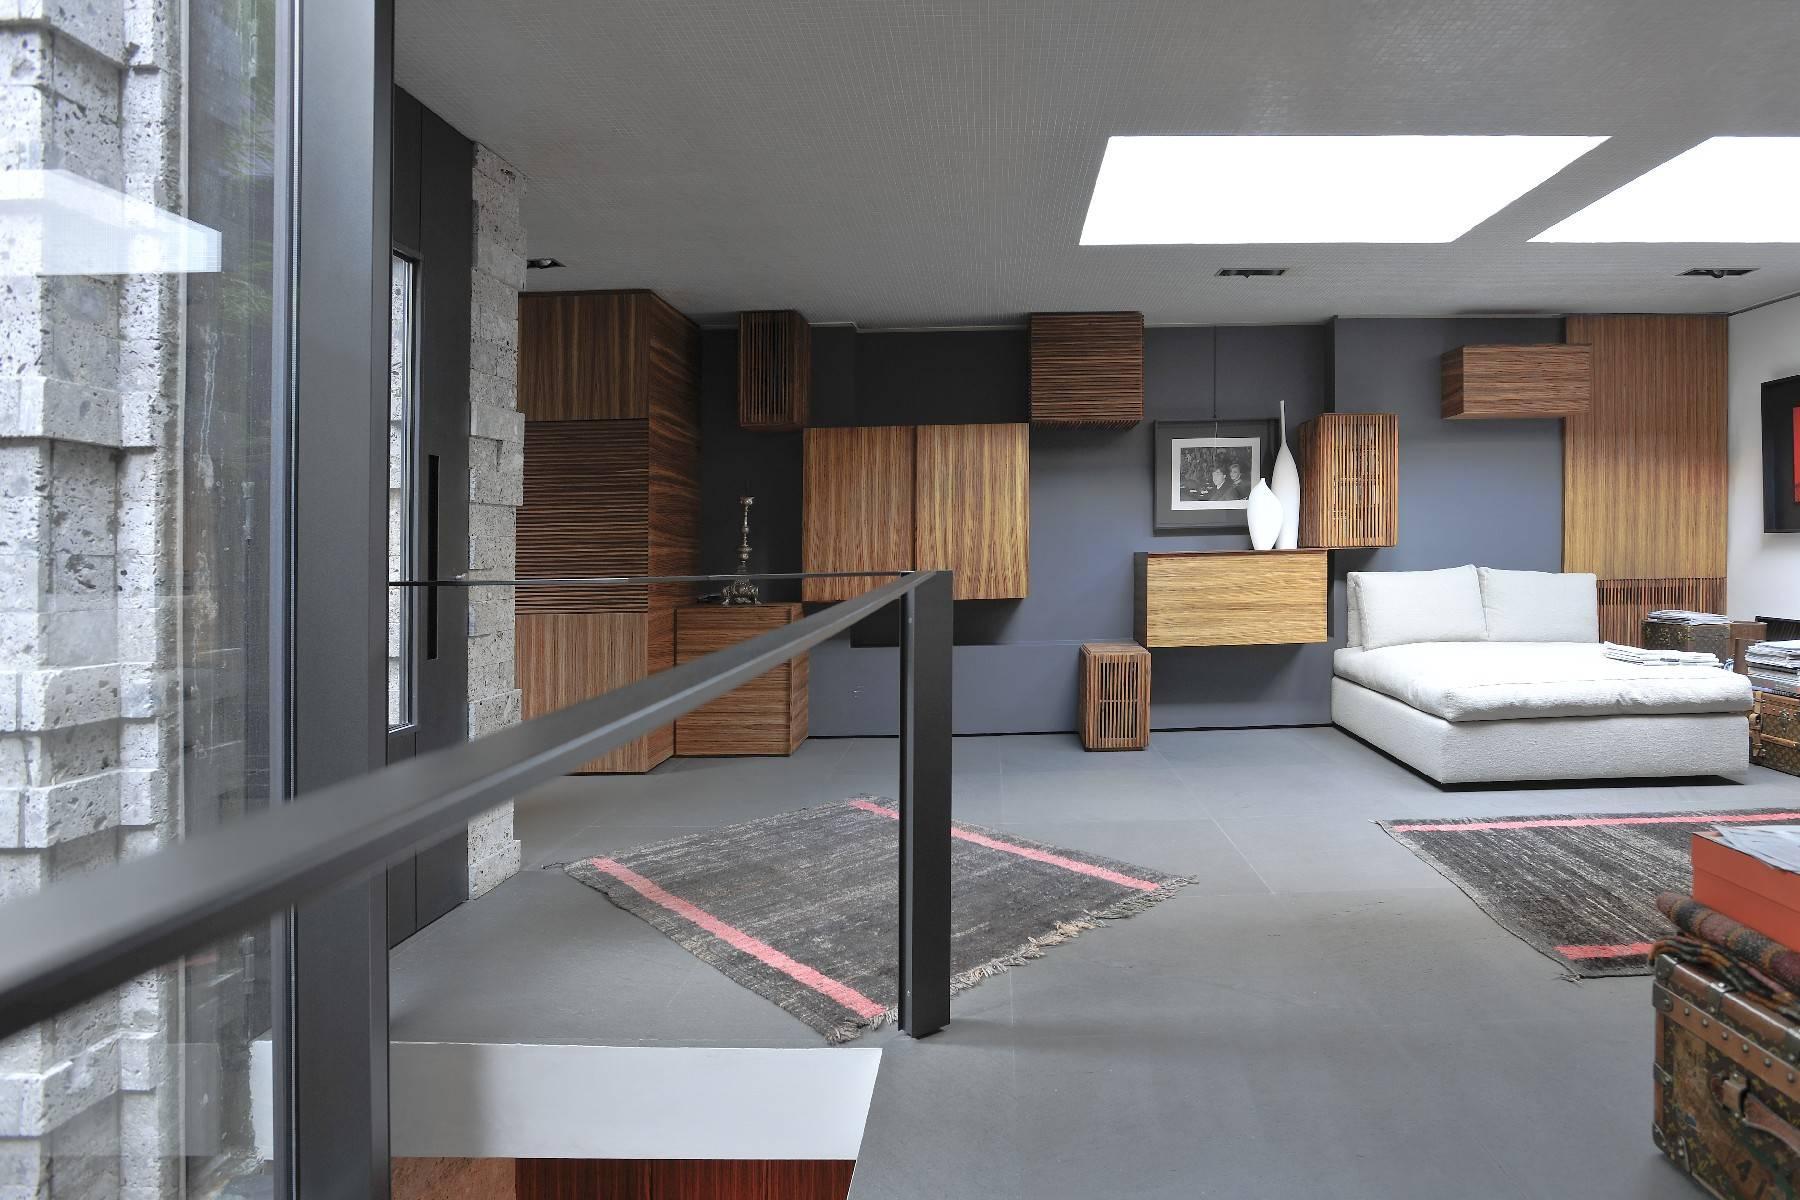 Spektakuläres Einfamilienhaus im zentralen Stadtviertel Mailands - 10